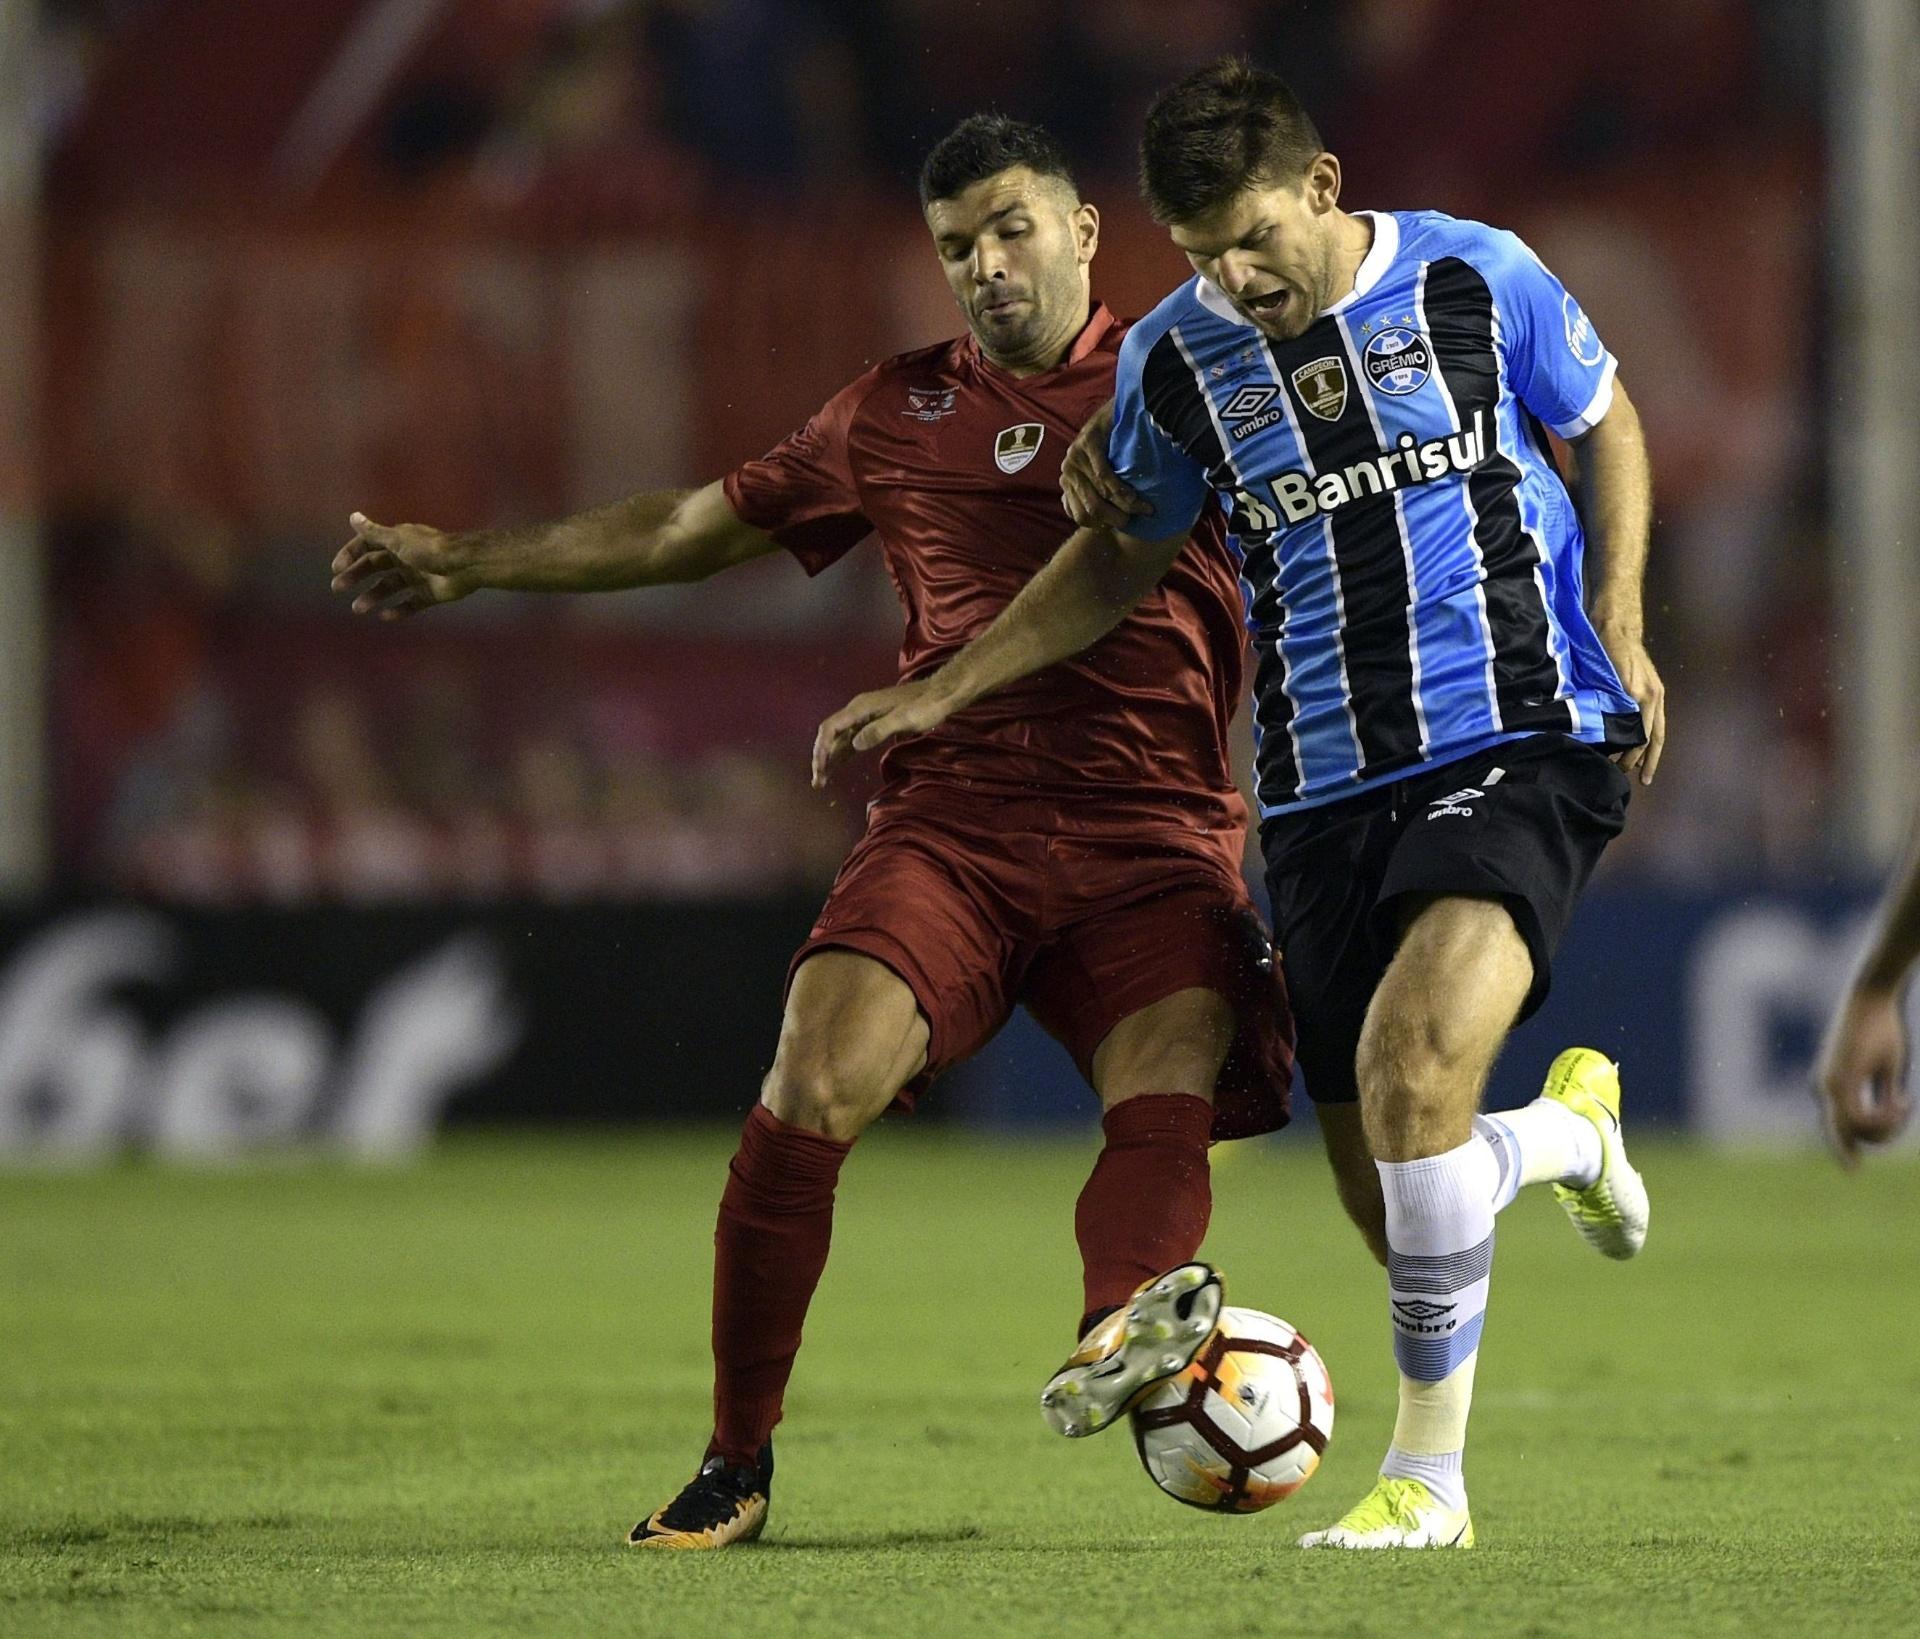 59bae1da2e Grêmio recebe multa e Renato é advertido pela Conmebol após Recopa -  23 03 2018 - UOL Esporte